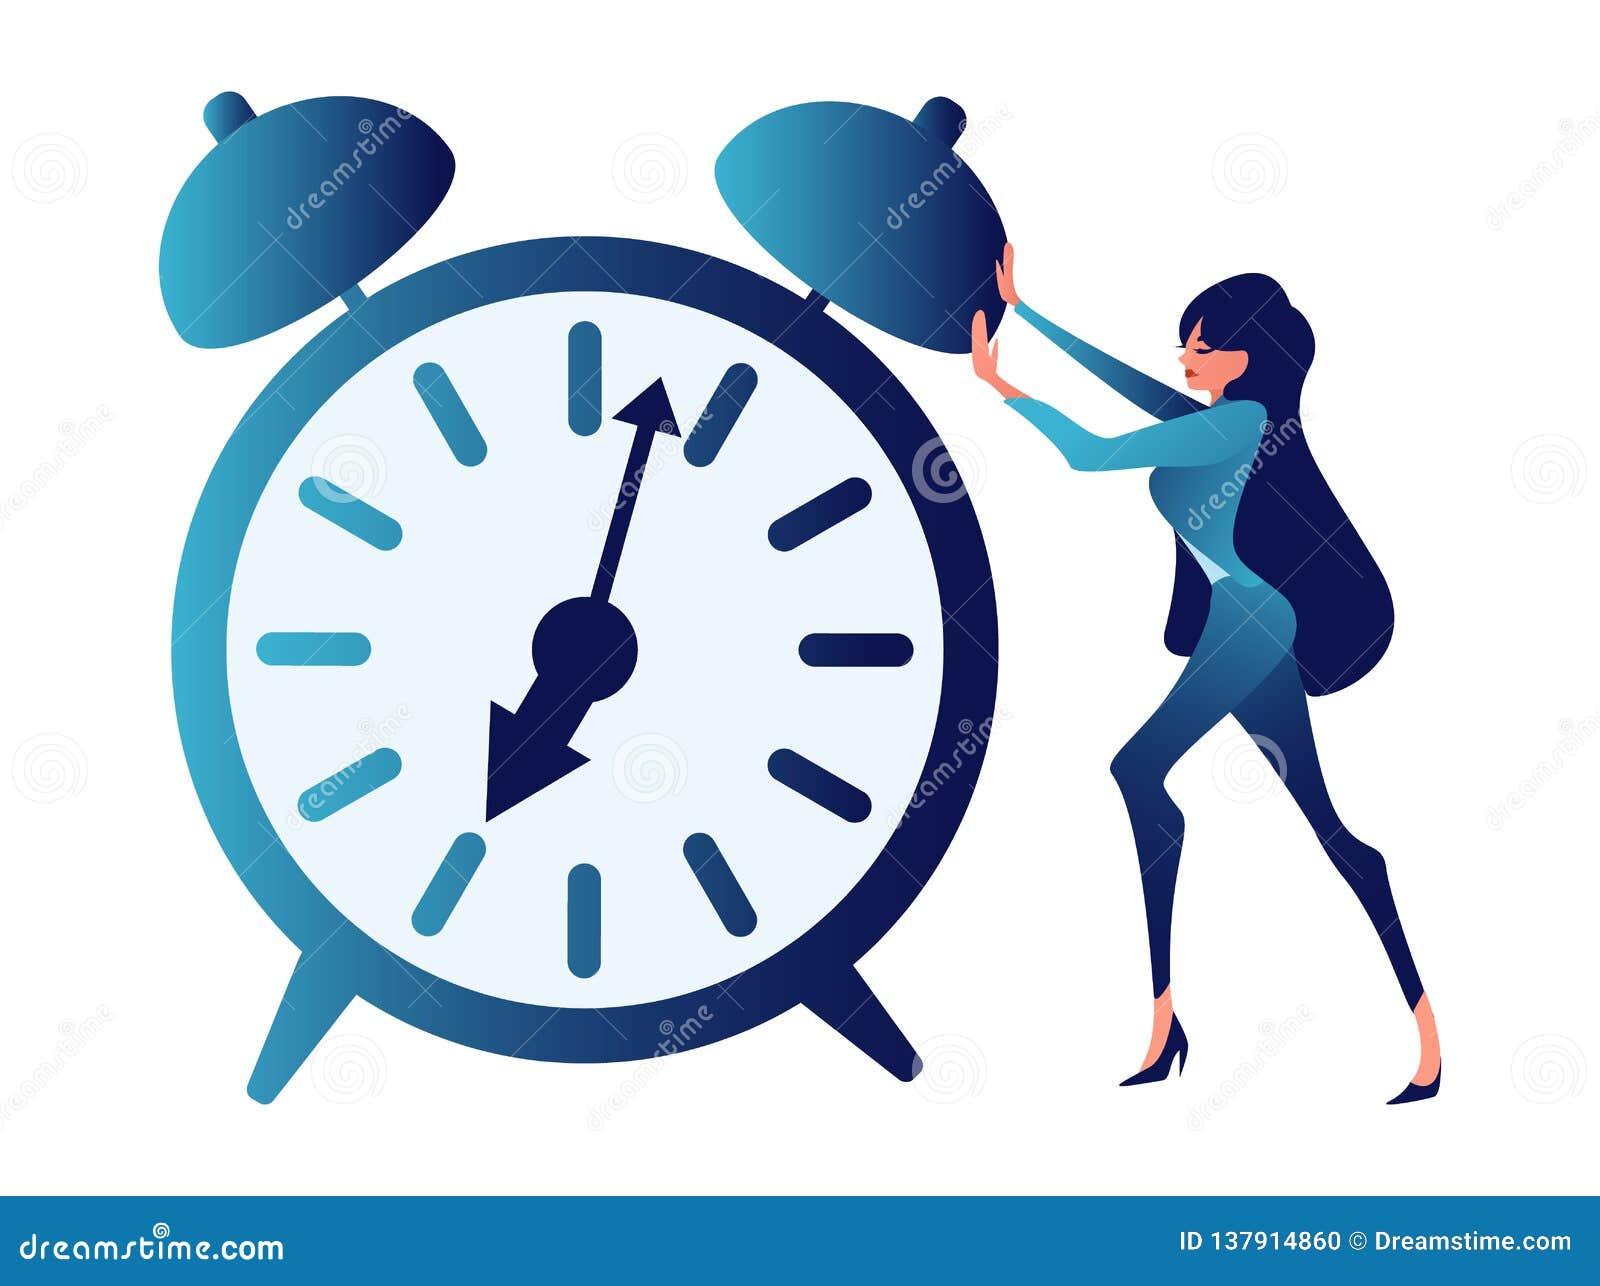 Über die Zeit hinaus vieldeutig, Zeitmanagement Abstrakter Begriff, ein Geschäftsmann drückt eine Uhr In der unbedeutenden Art